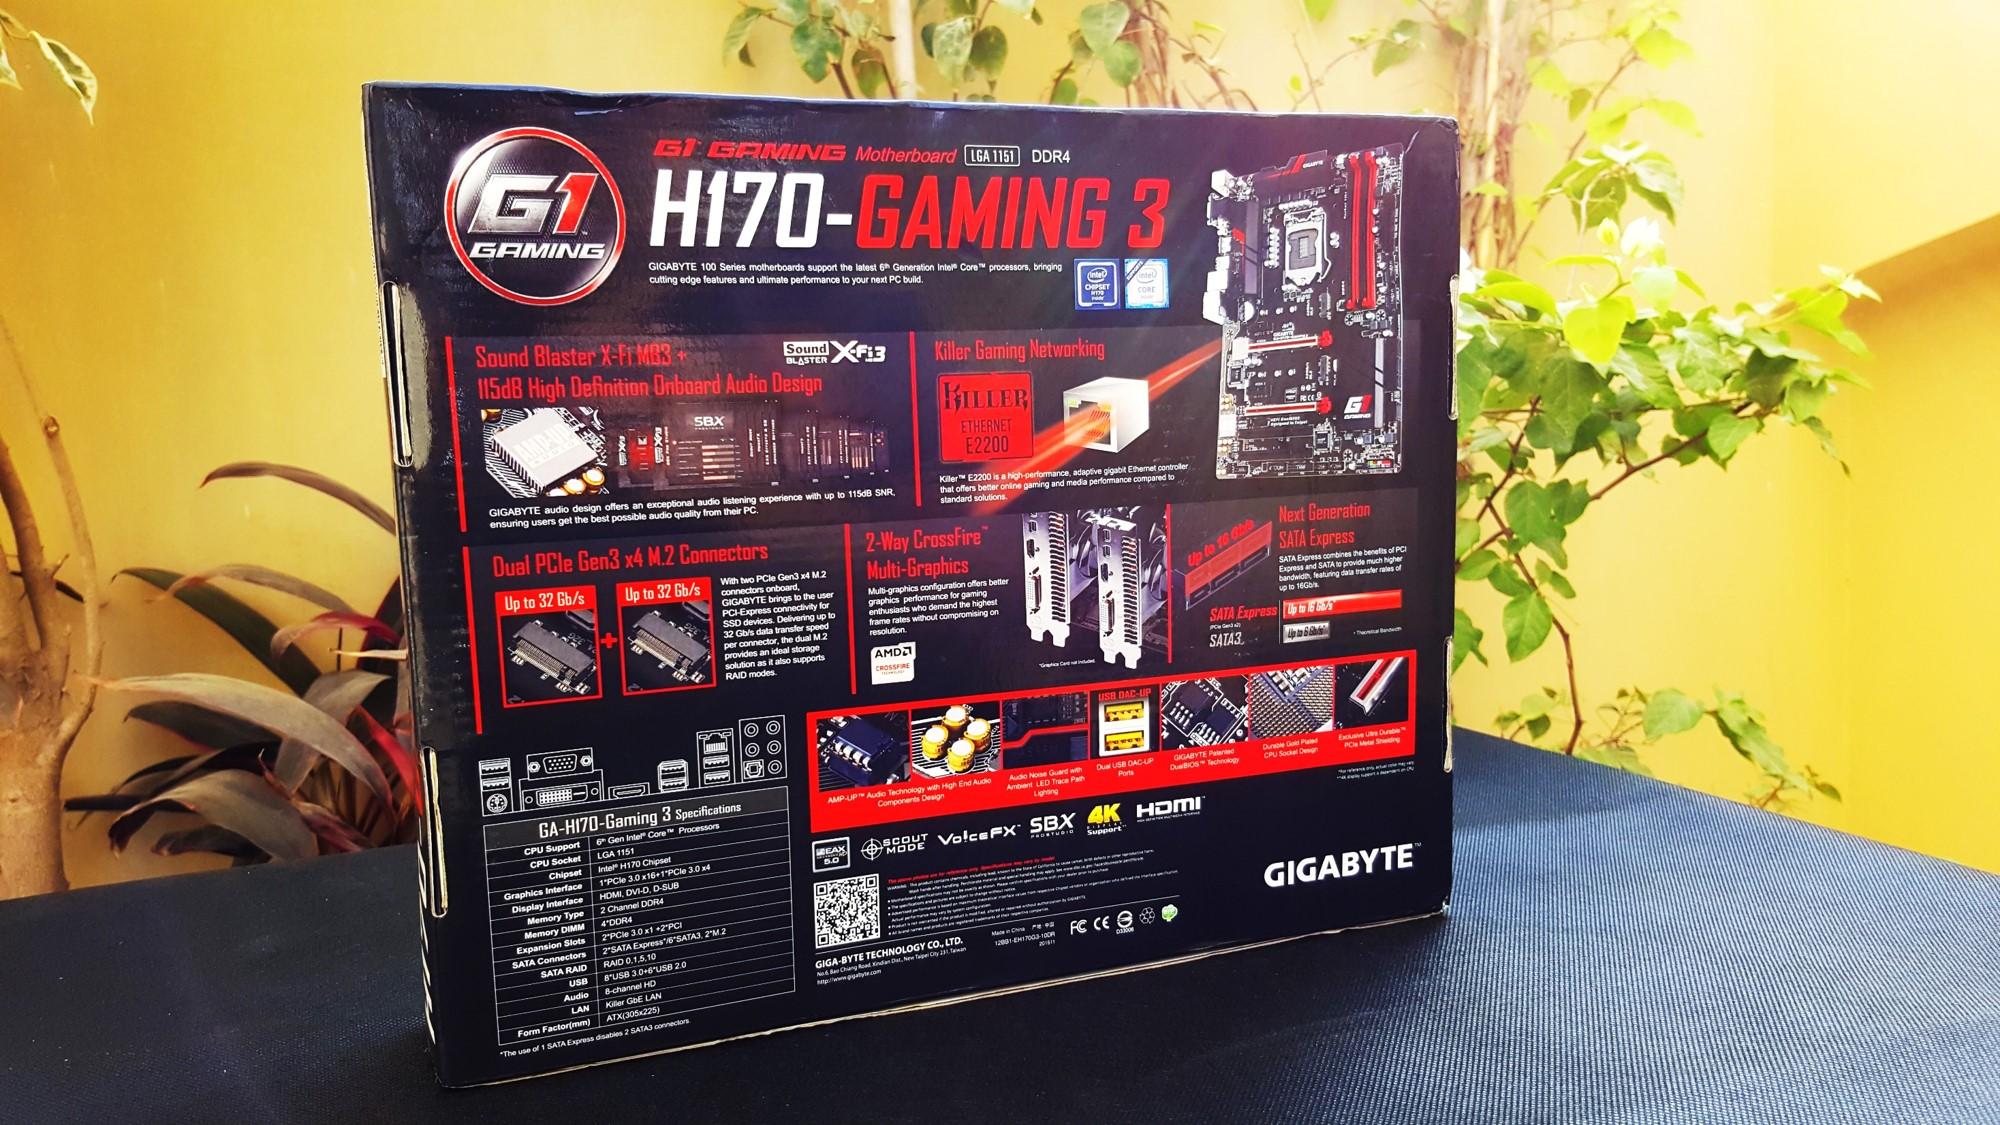 5-Gigabyte H170-Gaming 3 Box Back